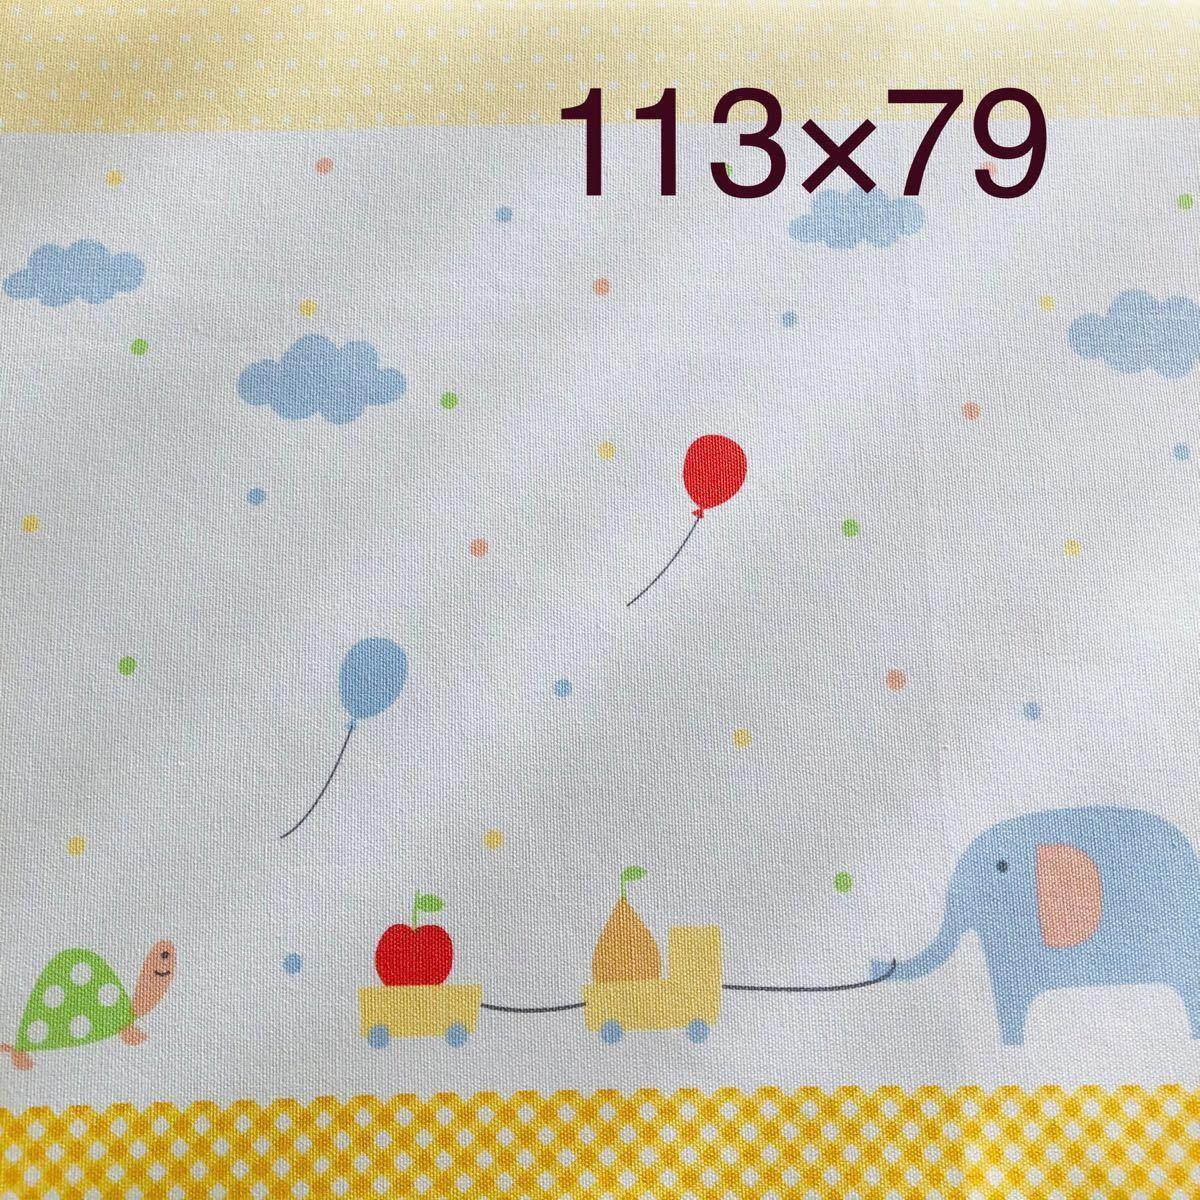 生地 キッズ パネル カメ 風船 ゾウ ハンドメイド オックス 入園入学 黄色